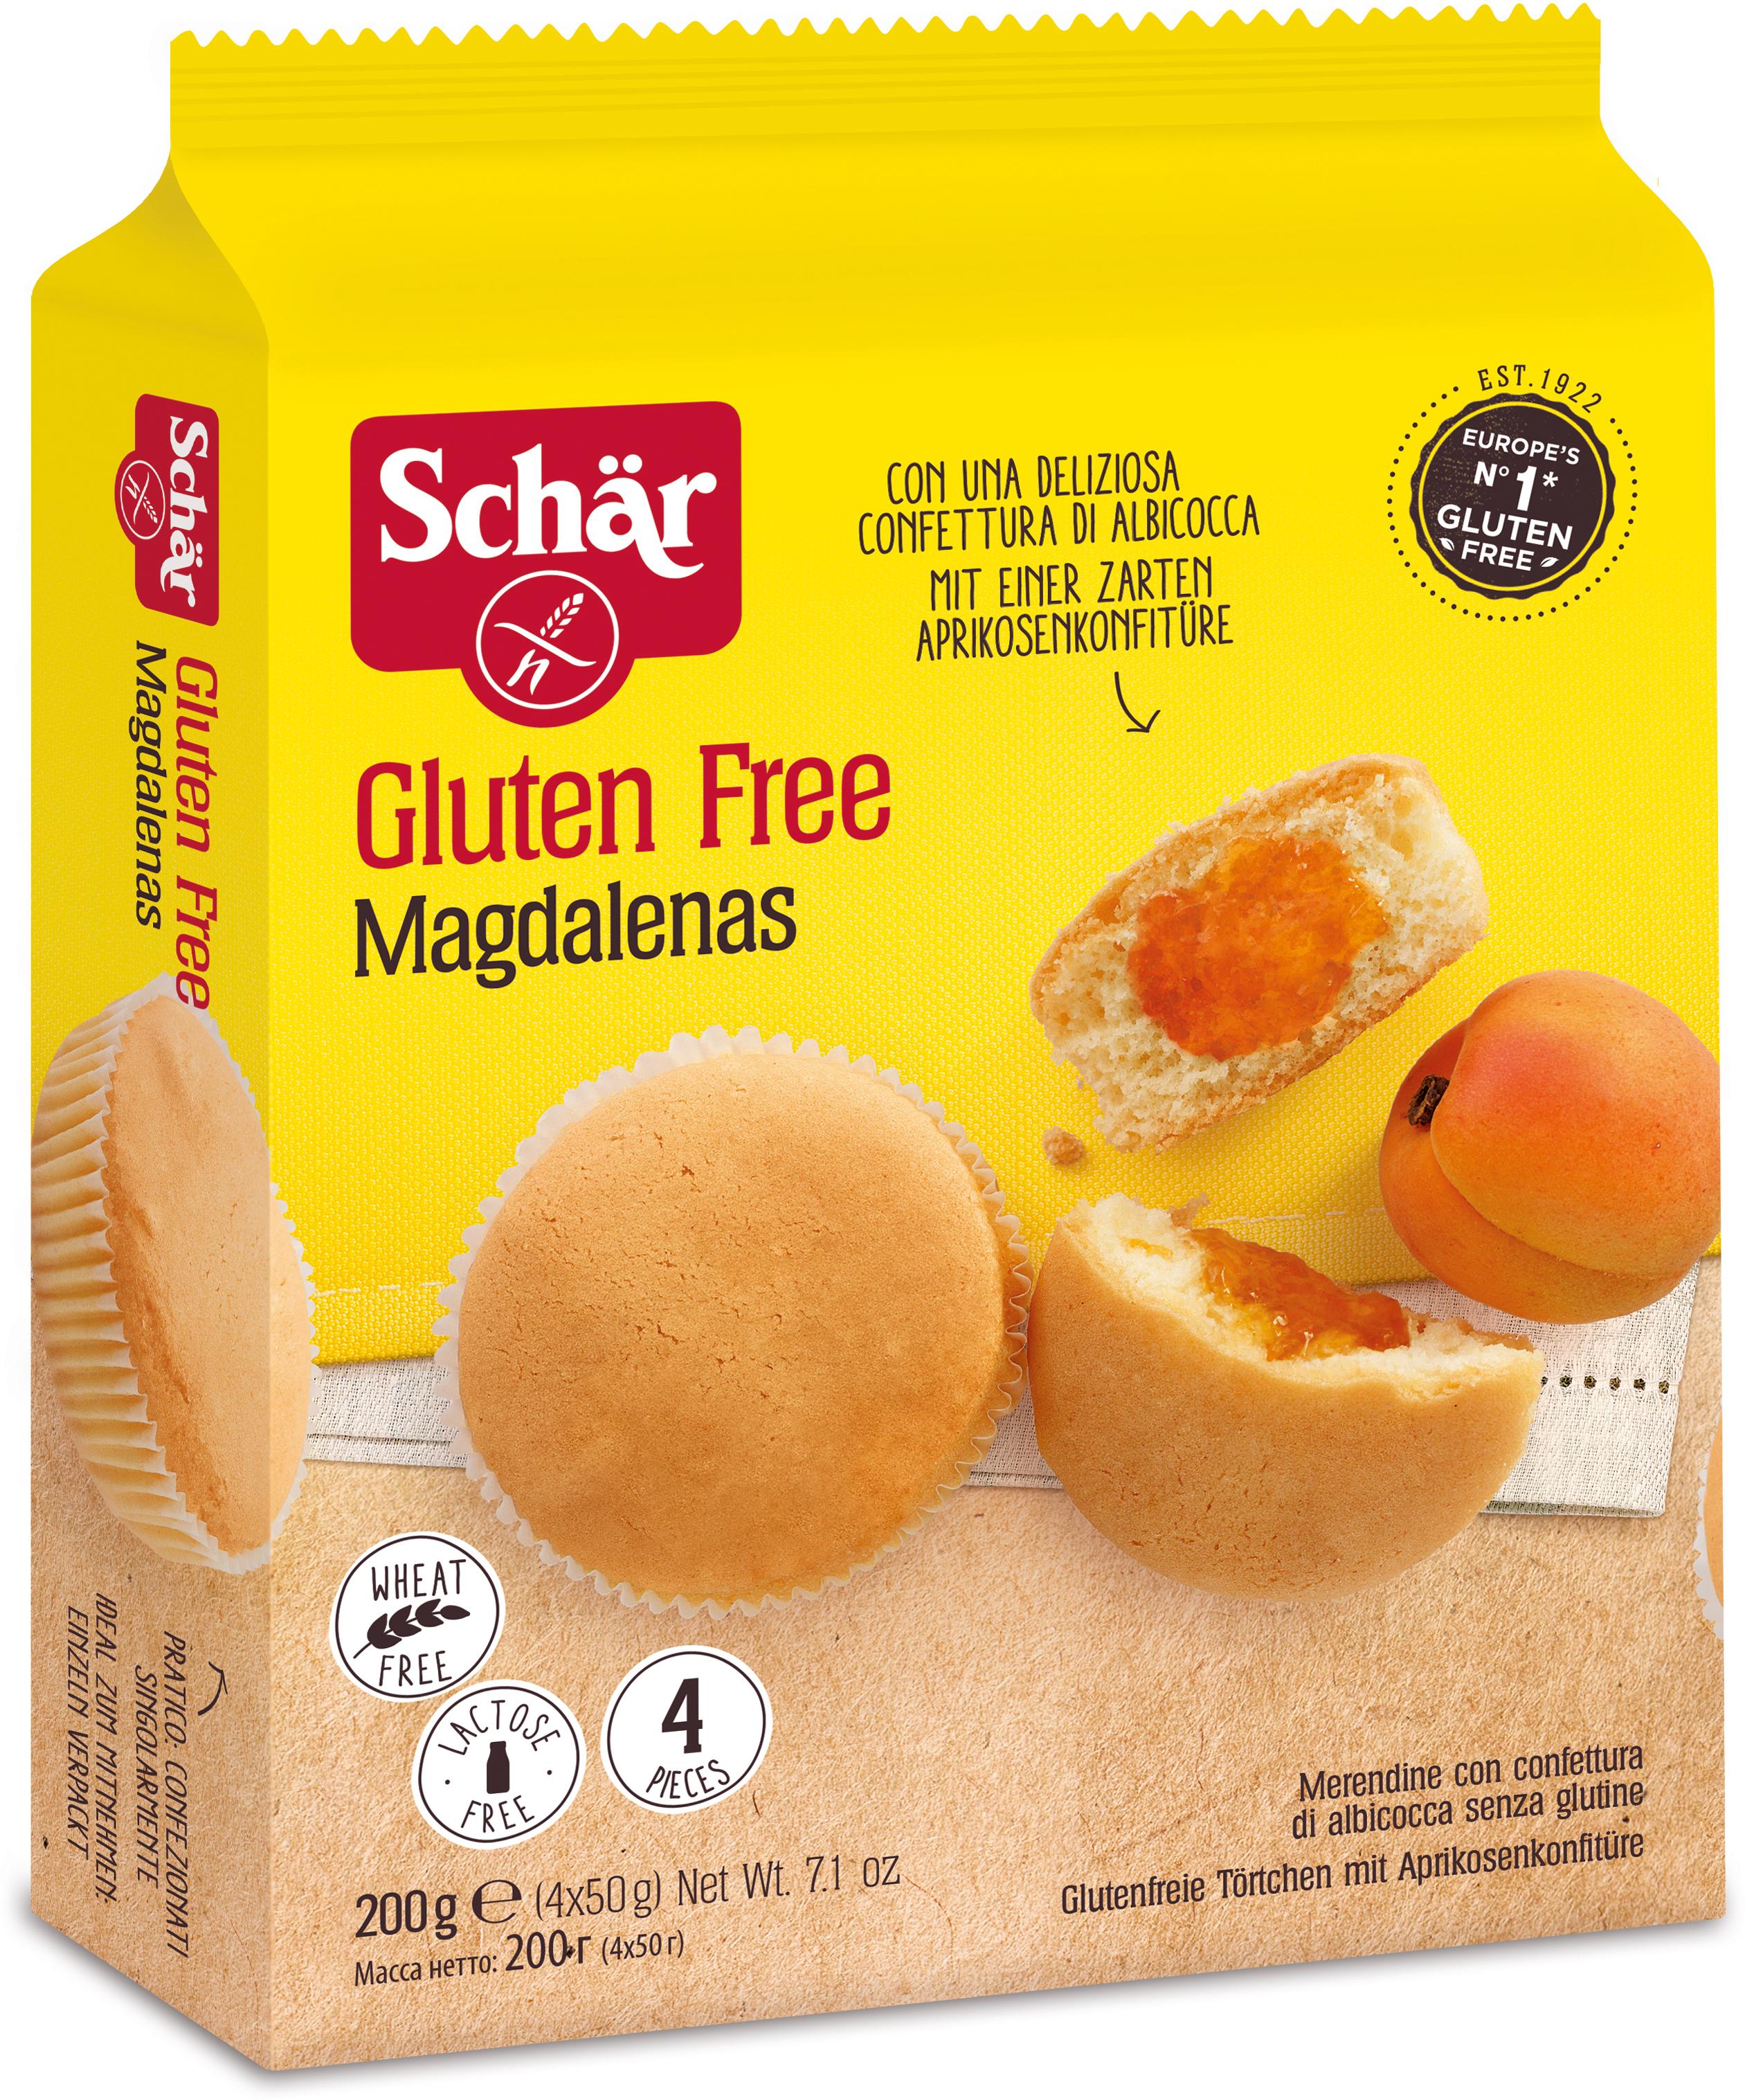 Dr. Schar Magdalenas Кексы с абрикосовым джемом, 4 шт по 50 г dr schar pan carre хлеб белый 400 г